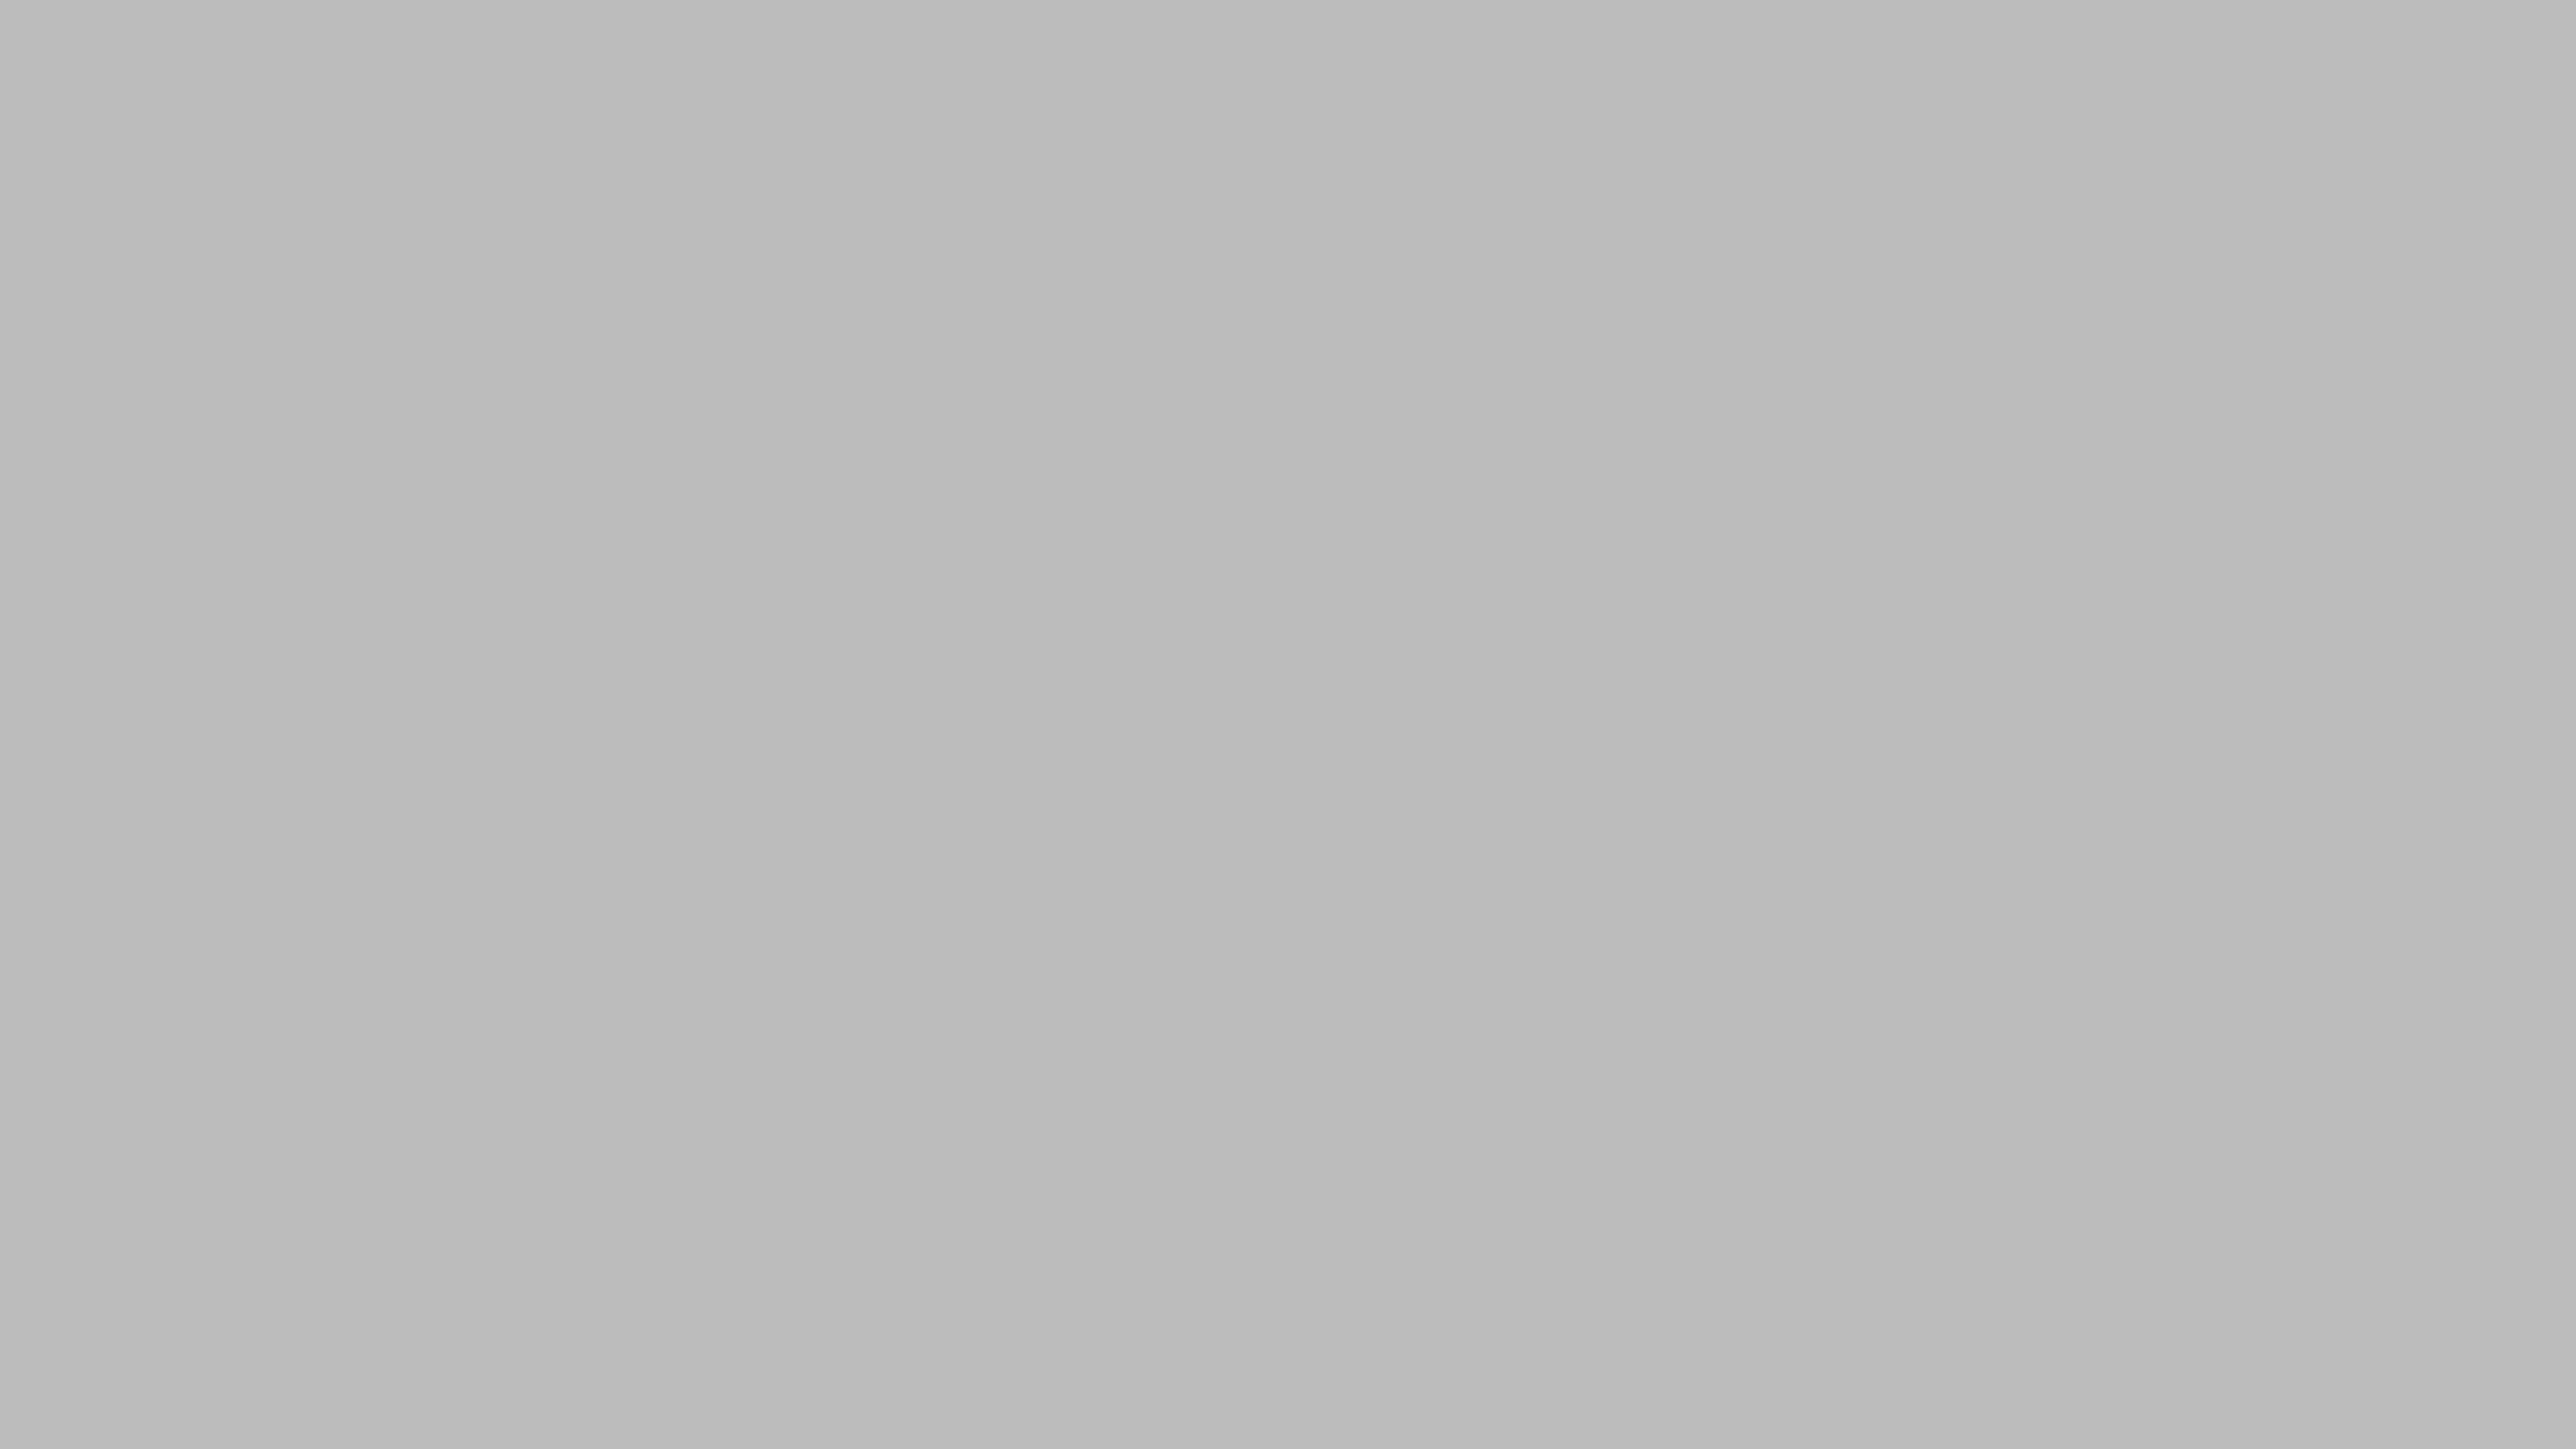 Ausgezeichnet Farbbuch Kostenloser Download Bilder - Malvorlagen Von ...